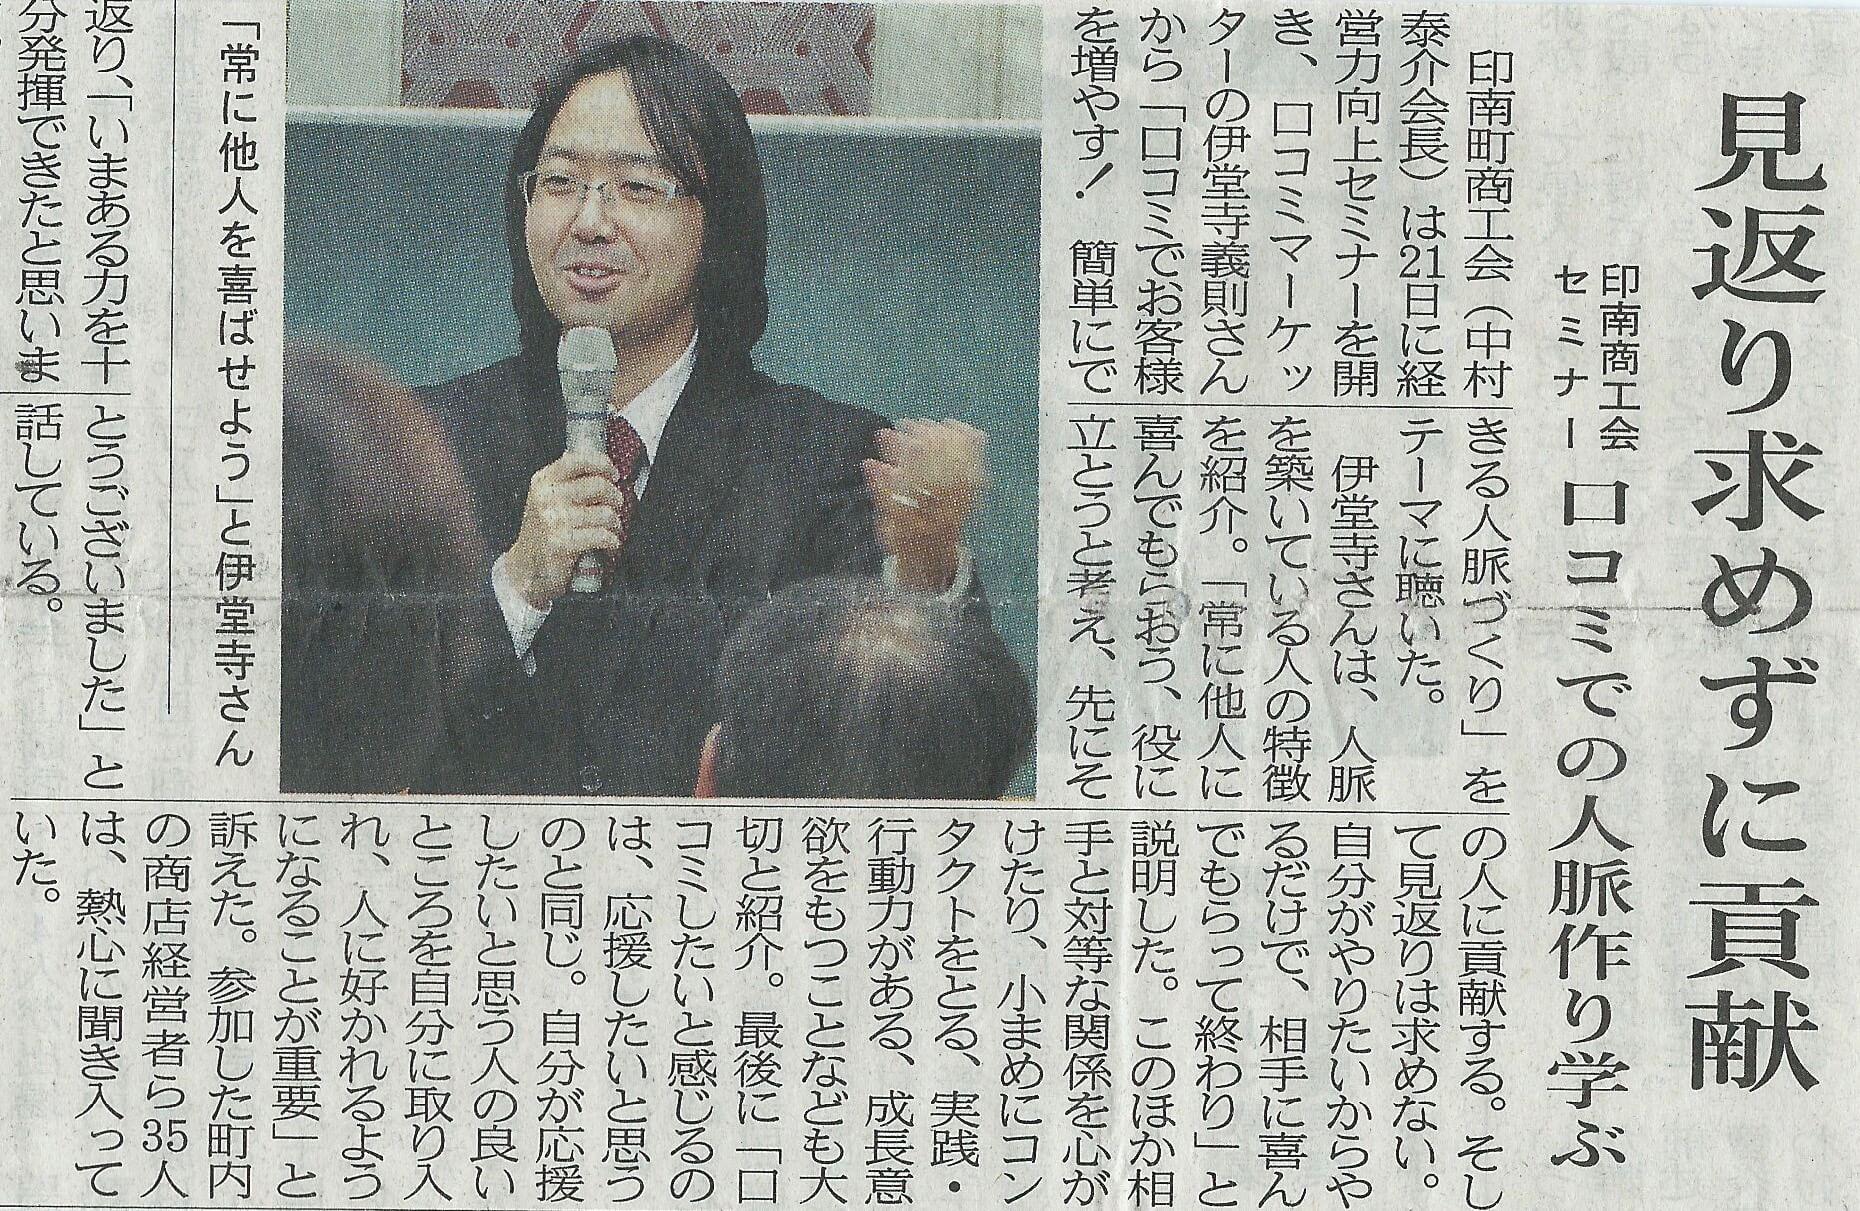 伊堂寺義則 メディア掲載 日高新報